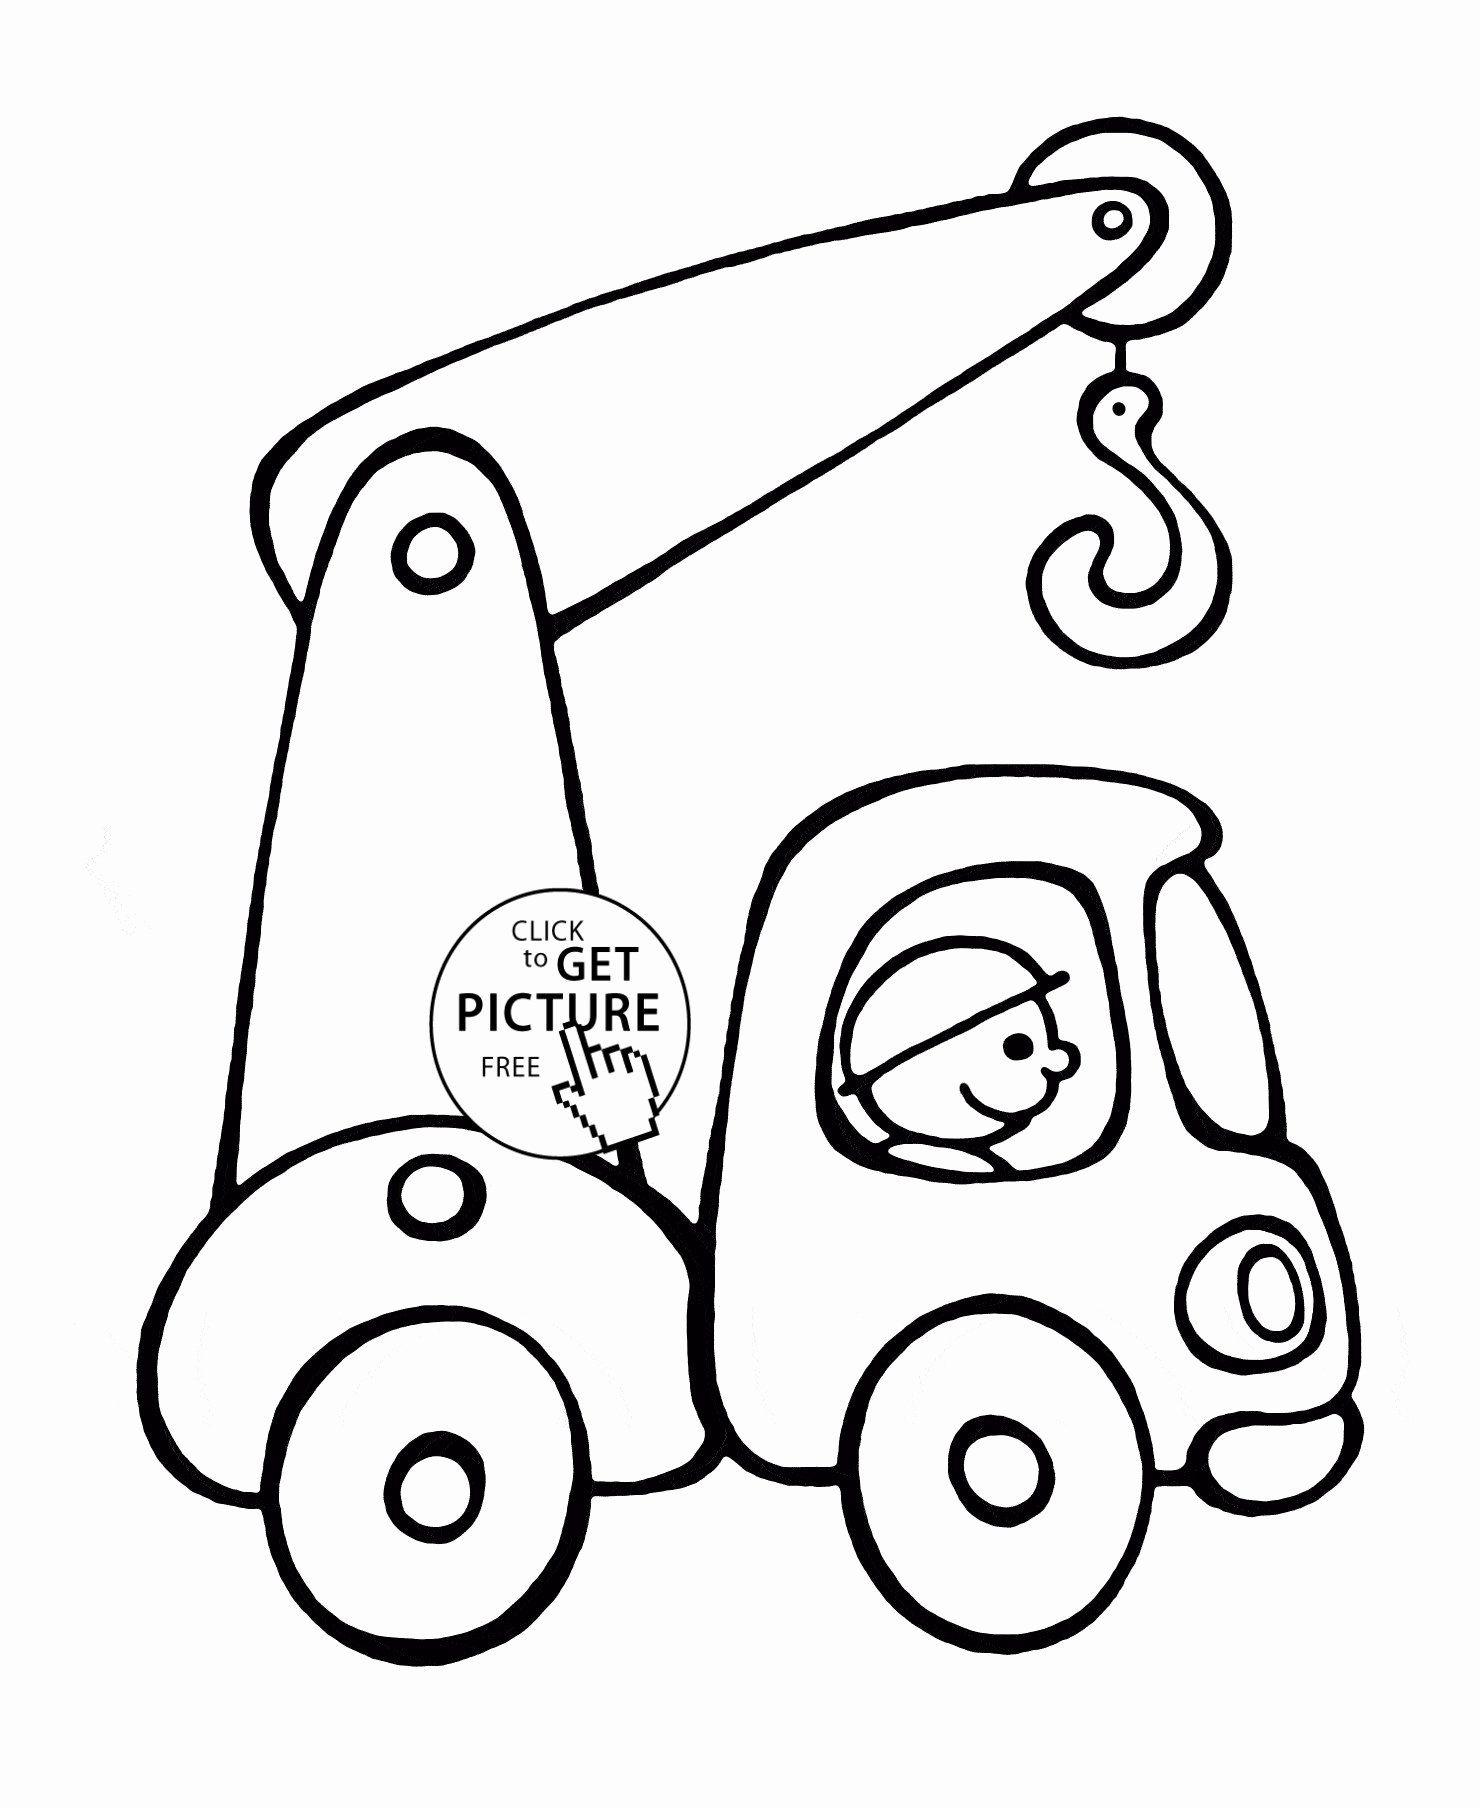 Transport Coloring Pages For Preschoolers Dengan Gambar Lembar